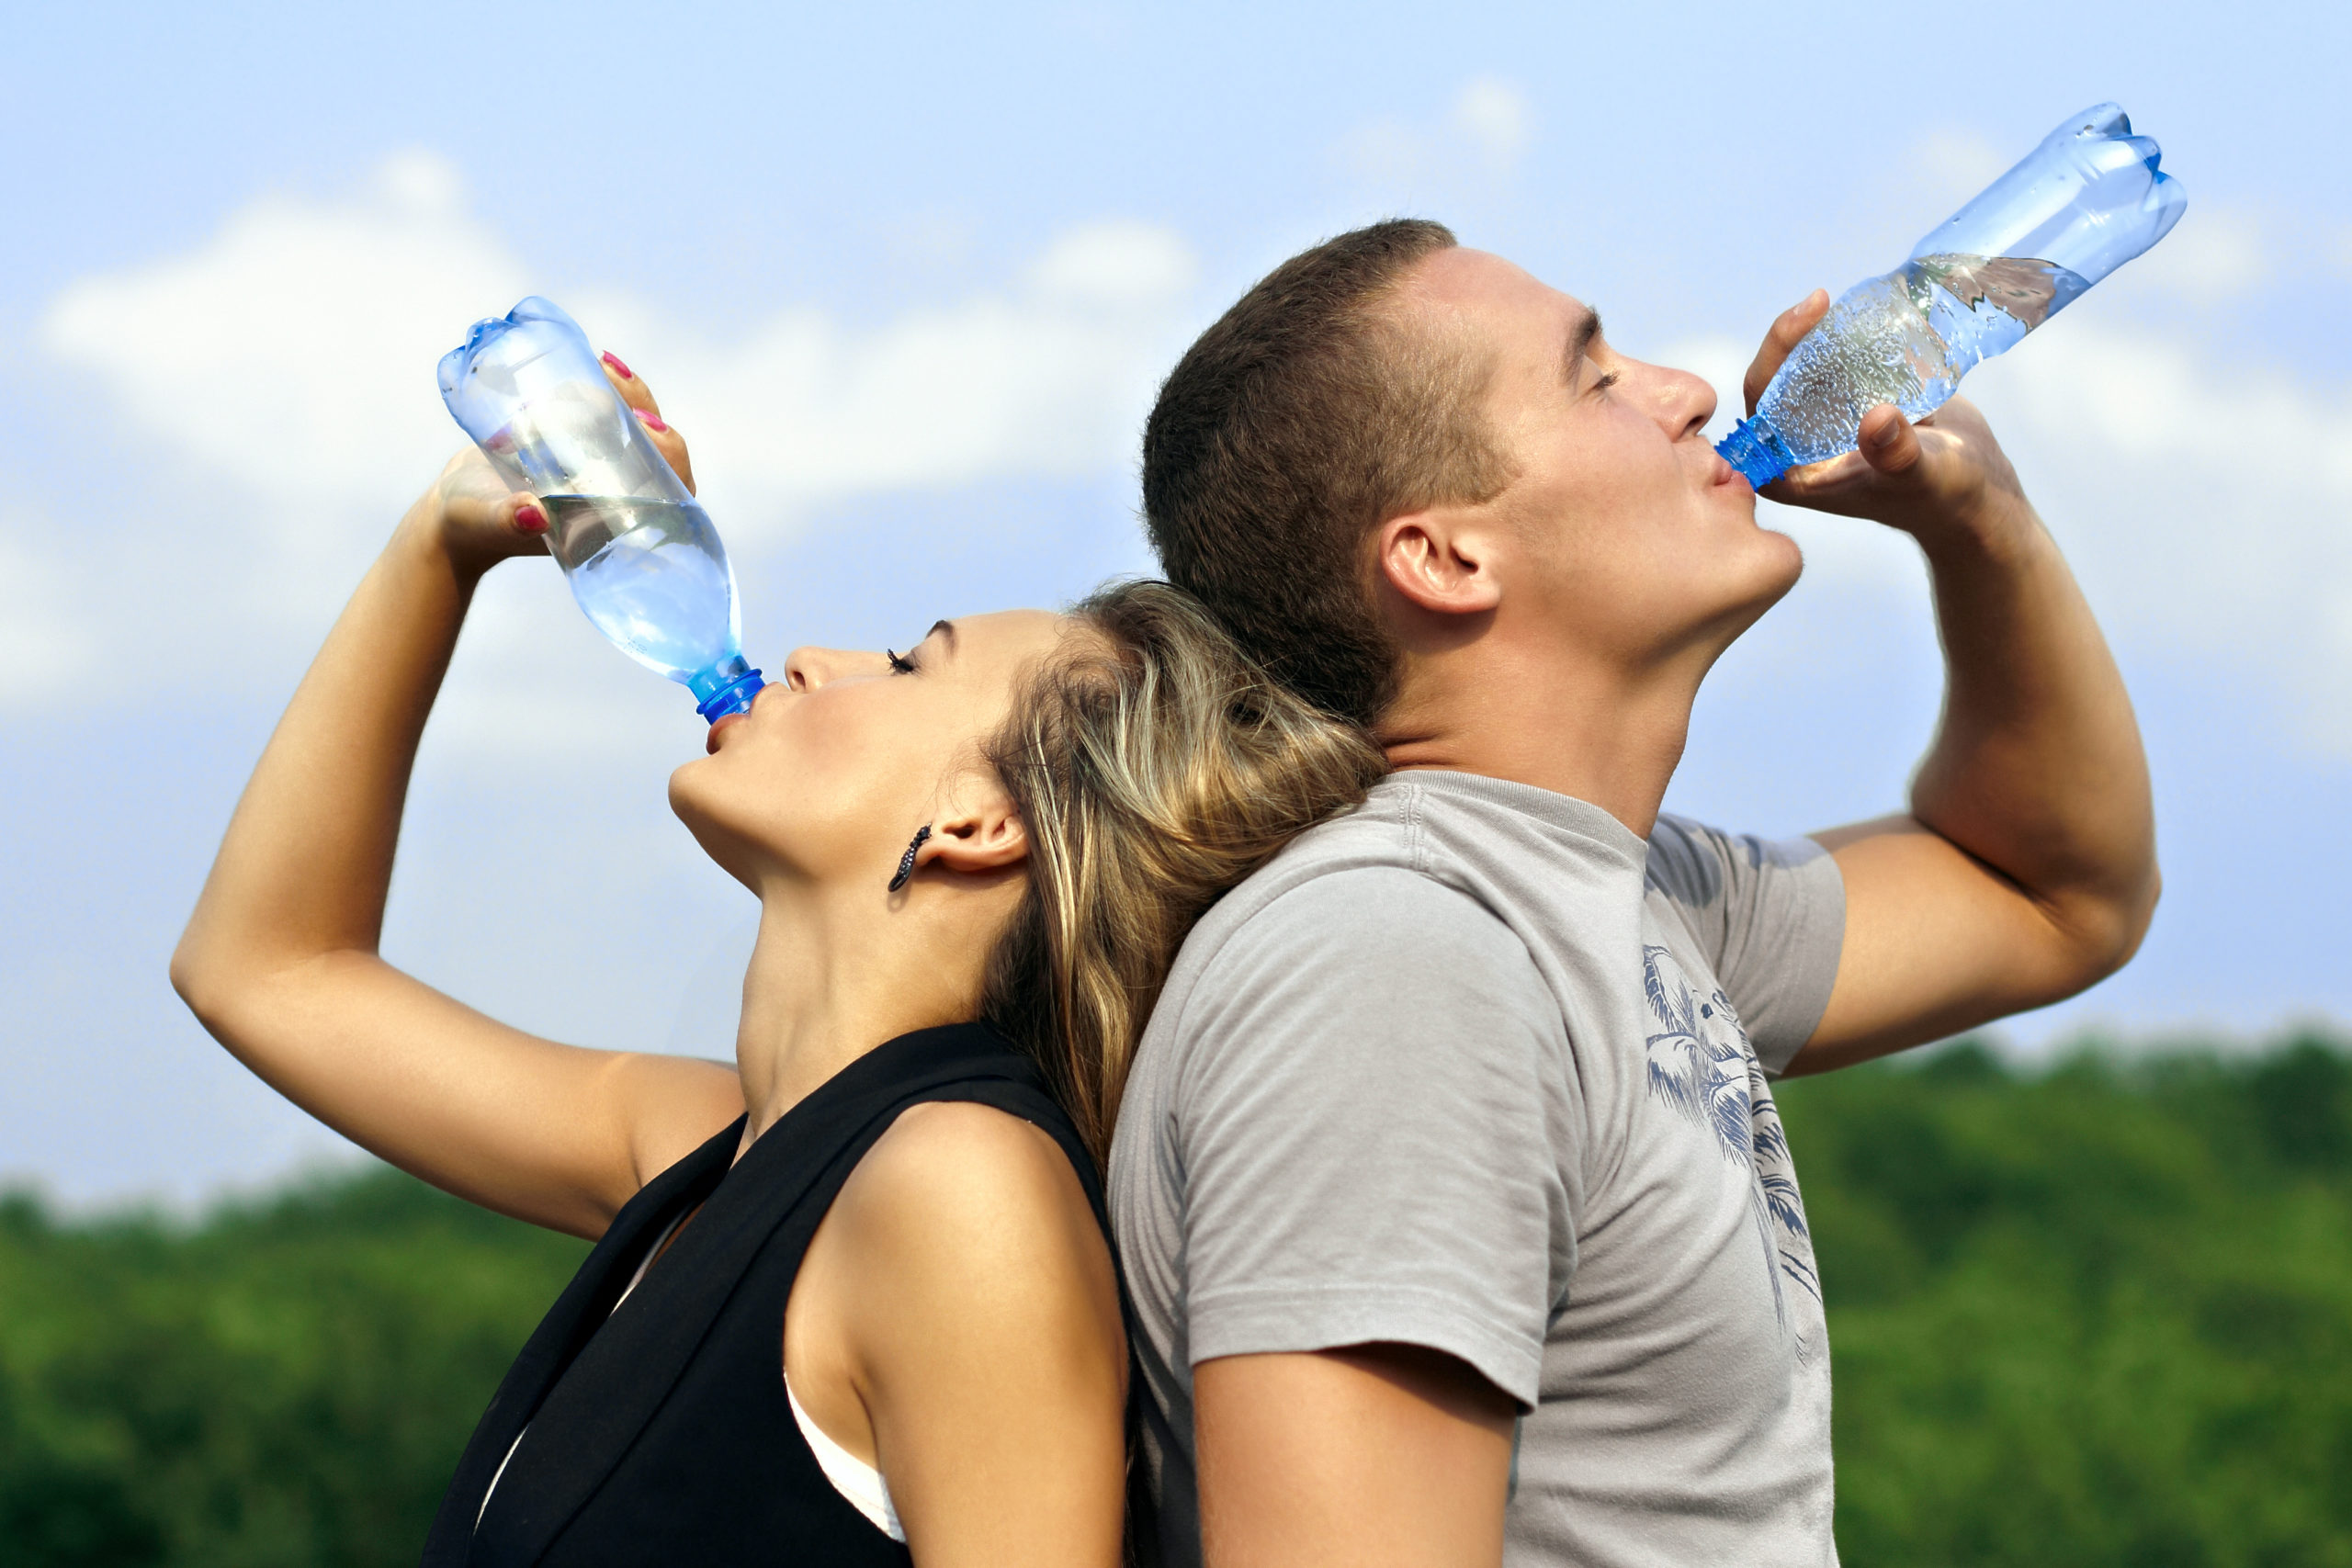 Врач рассказала, чем опасна вода в пластиковых бутылках